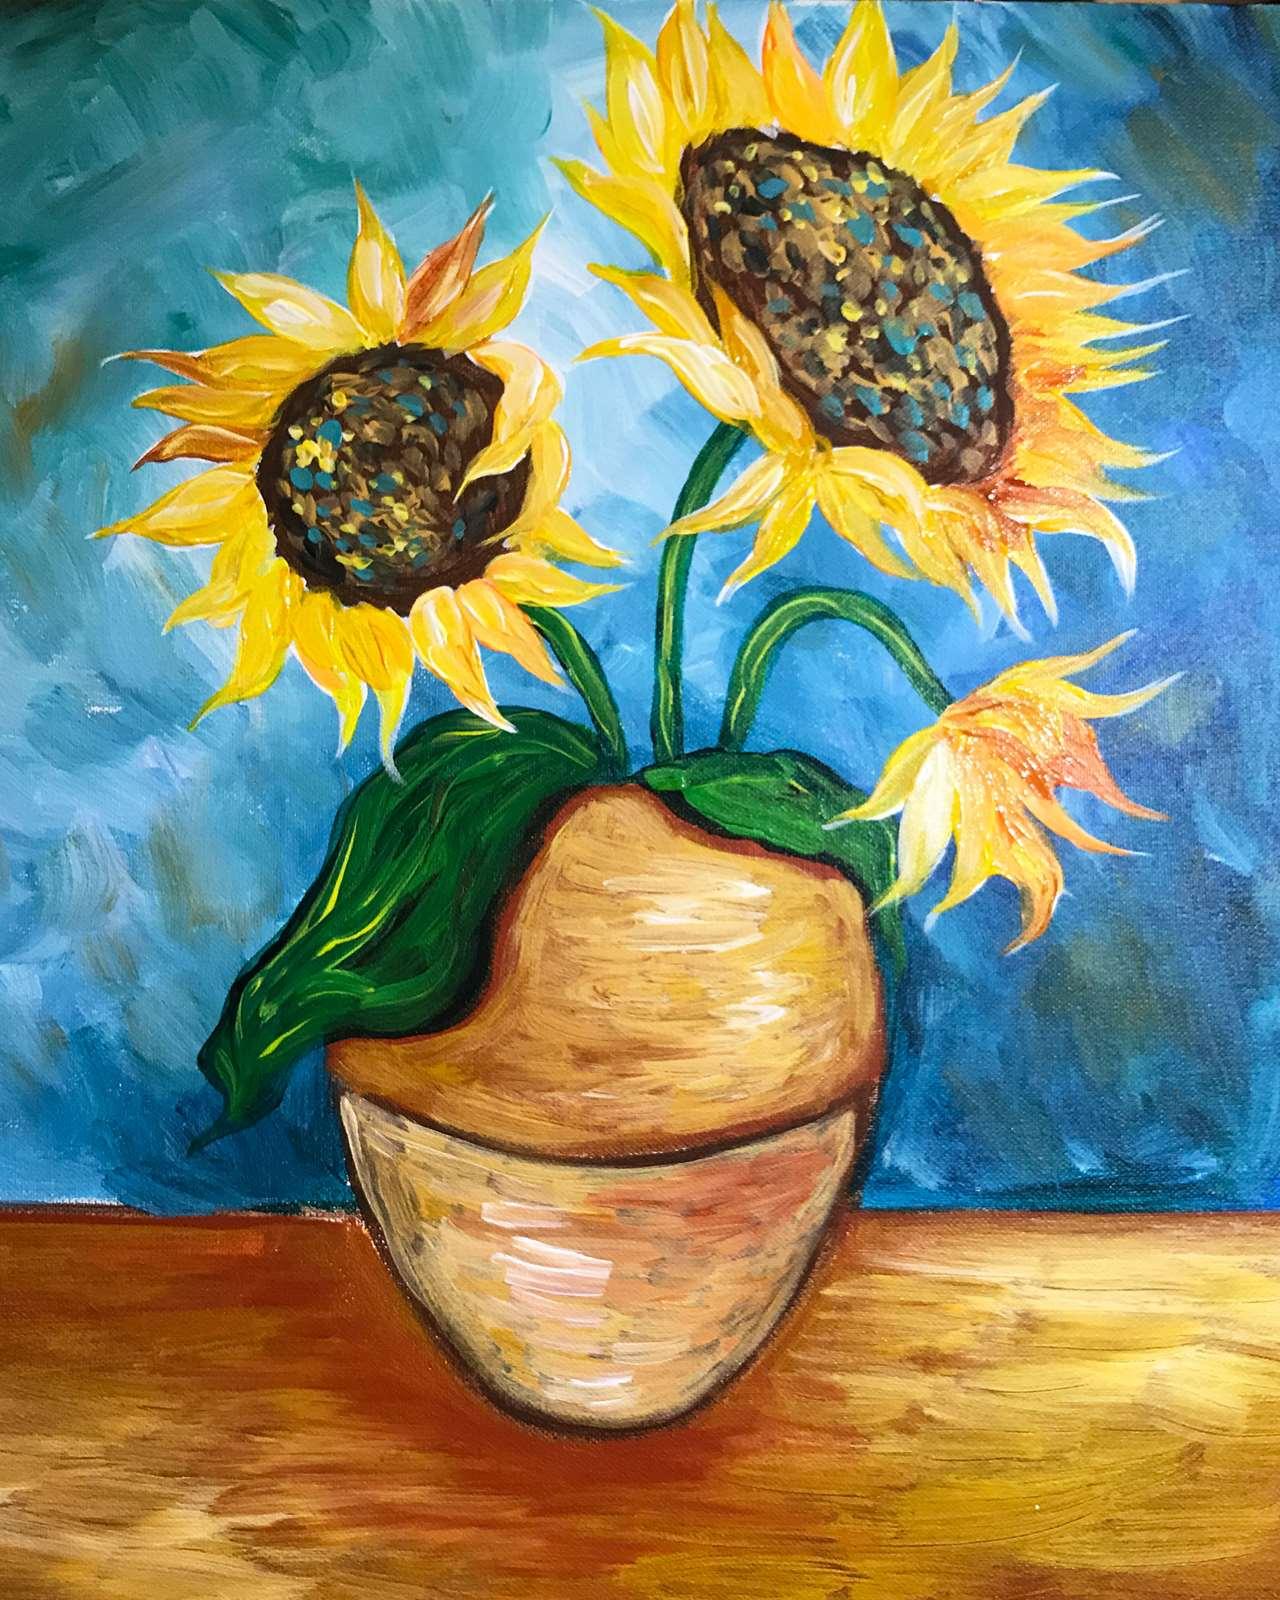 Bức tranh vẽ lọ hoa Hướng Dương đẹp nhất